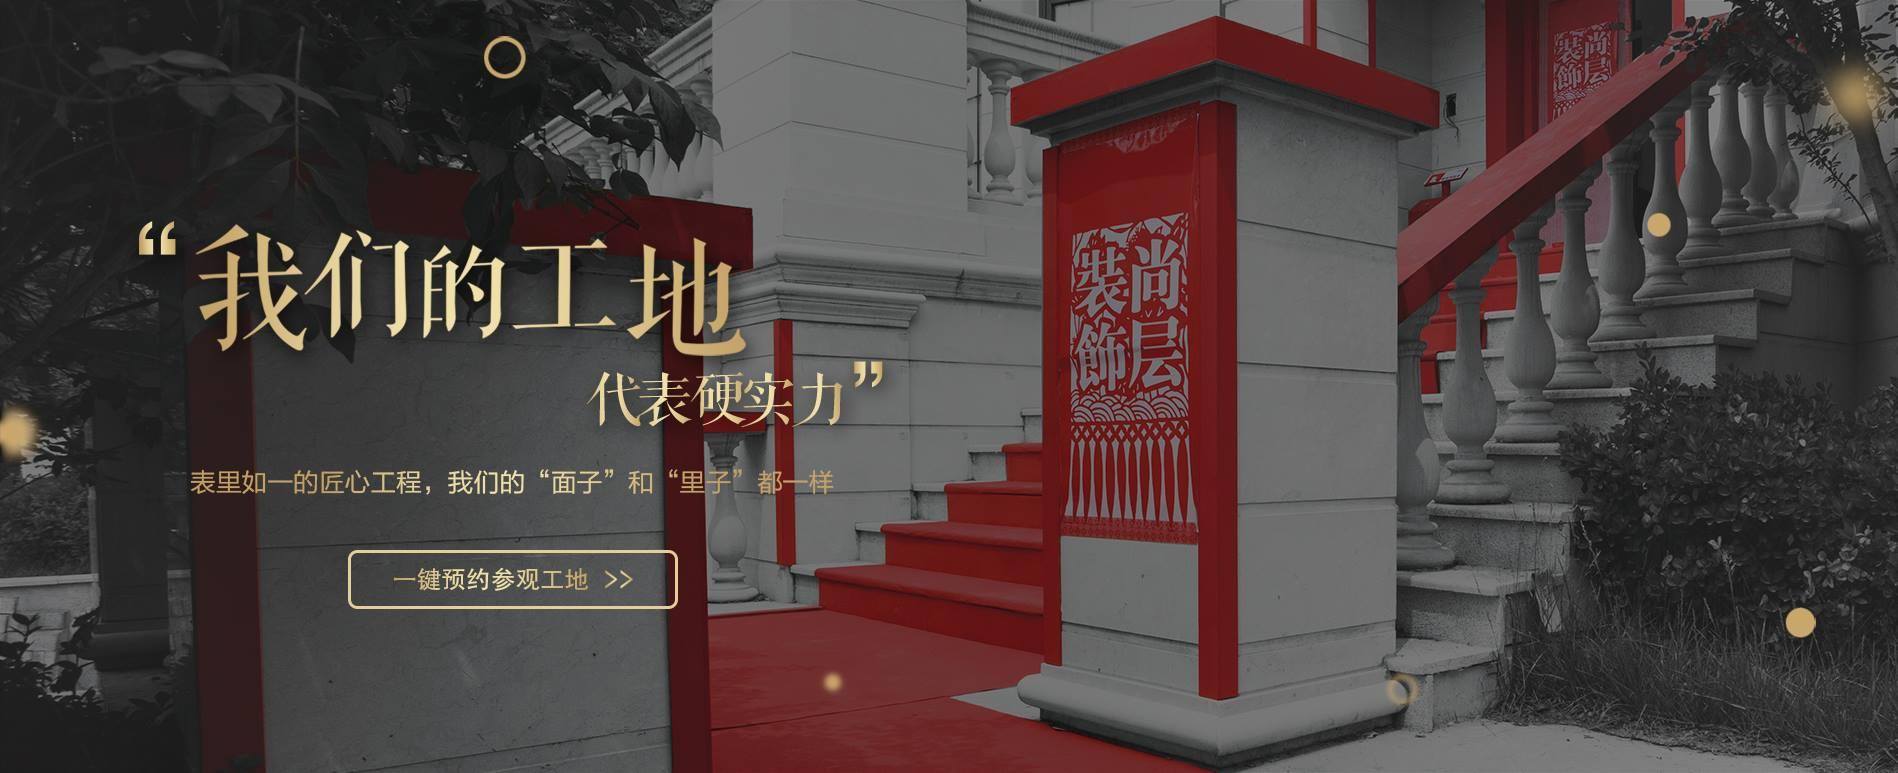 杭州尚层别墅设计公司,工地代表硬实力